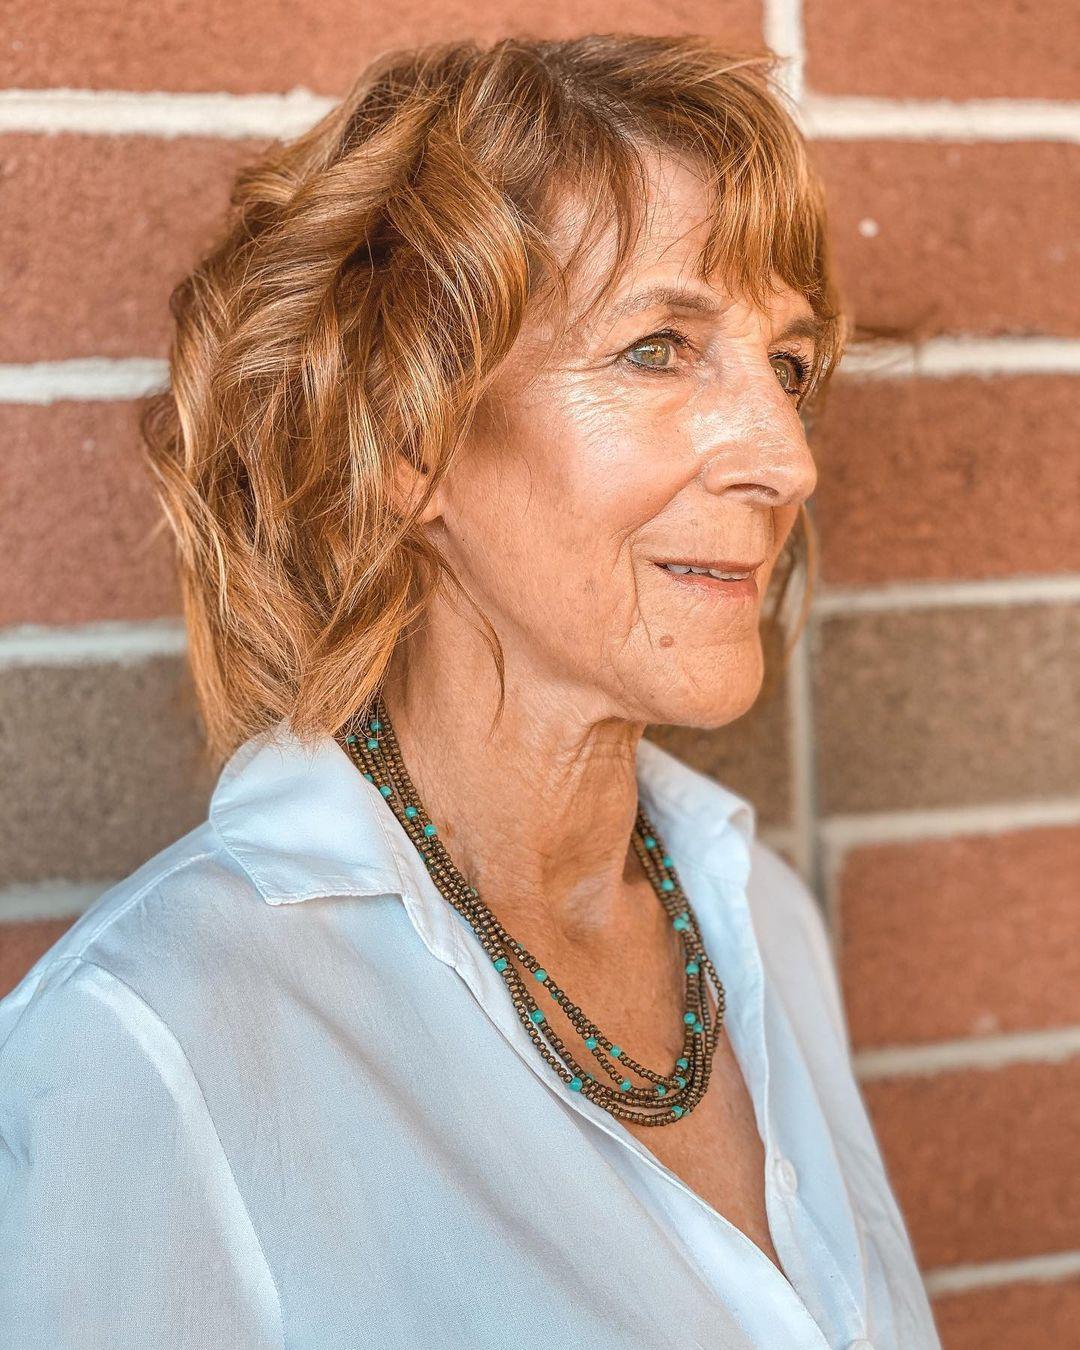 Femme de 70 ans avec une coupe de cheveux ondulée.